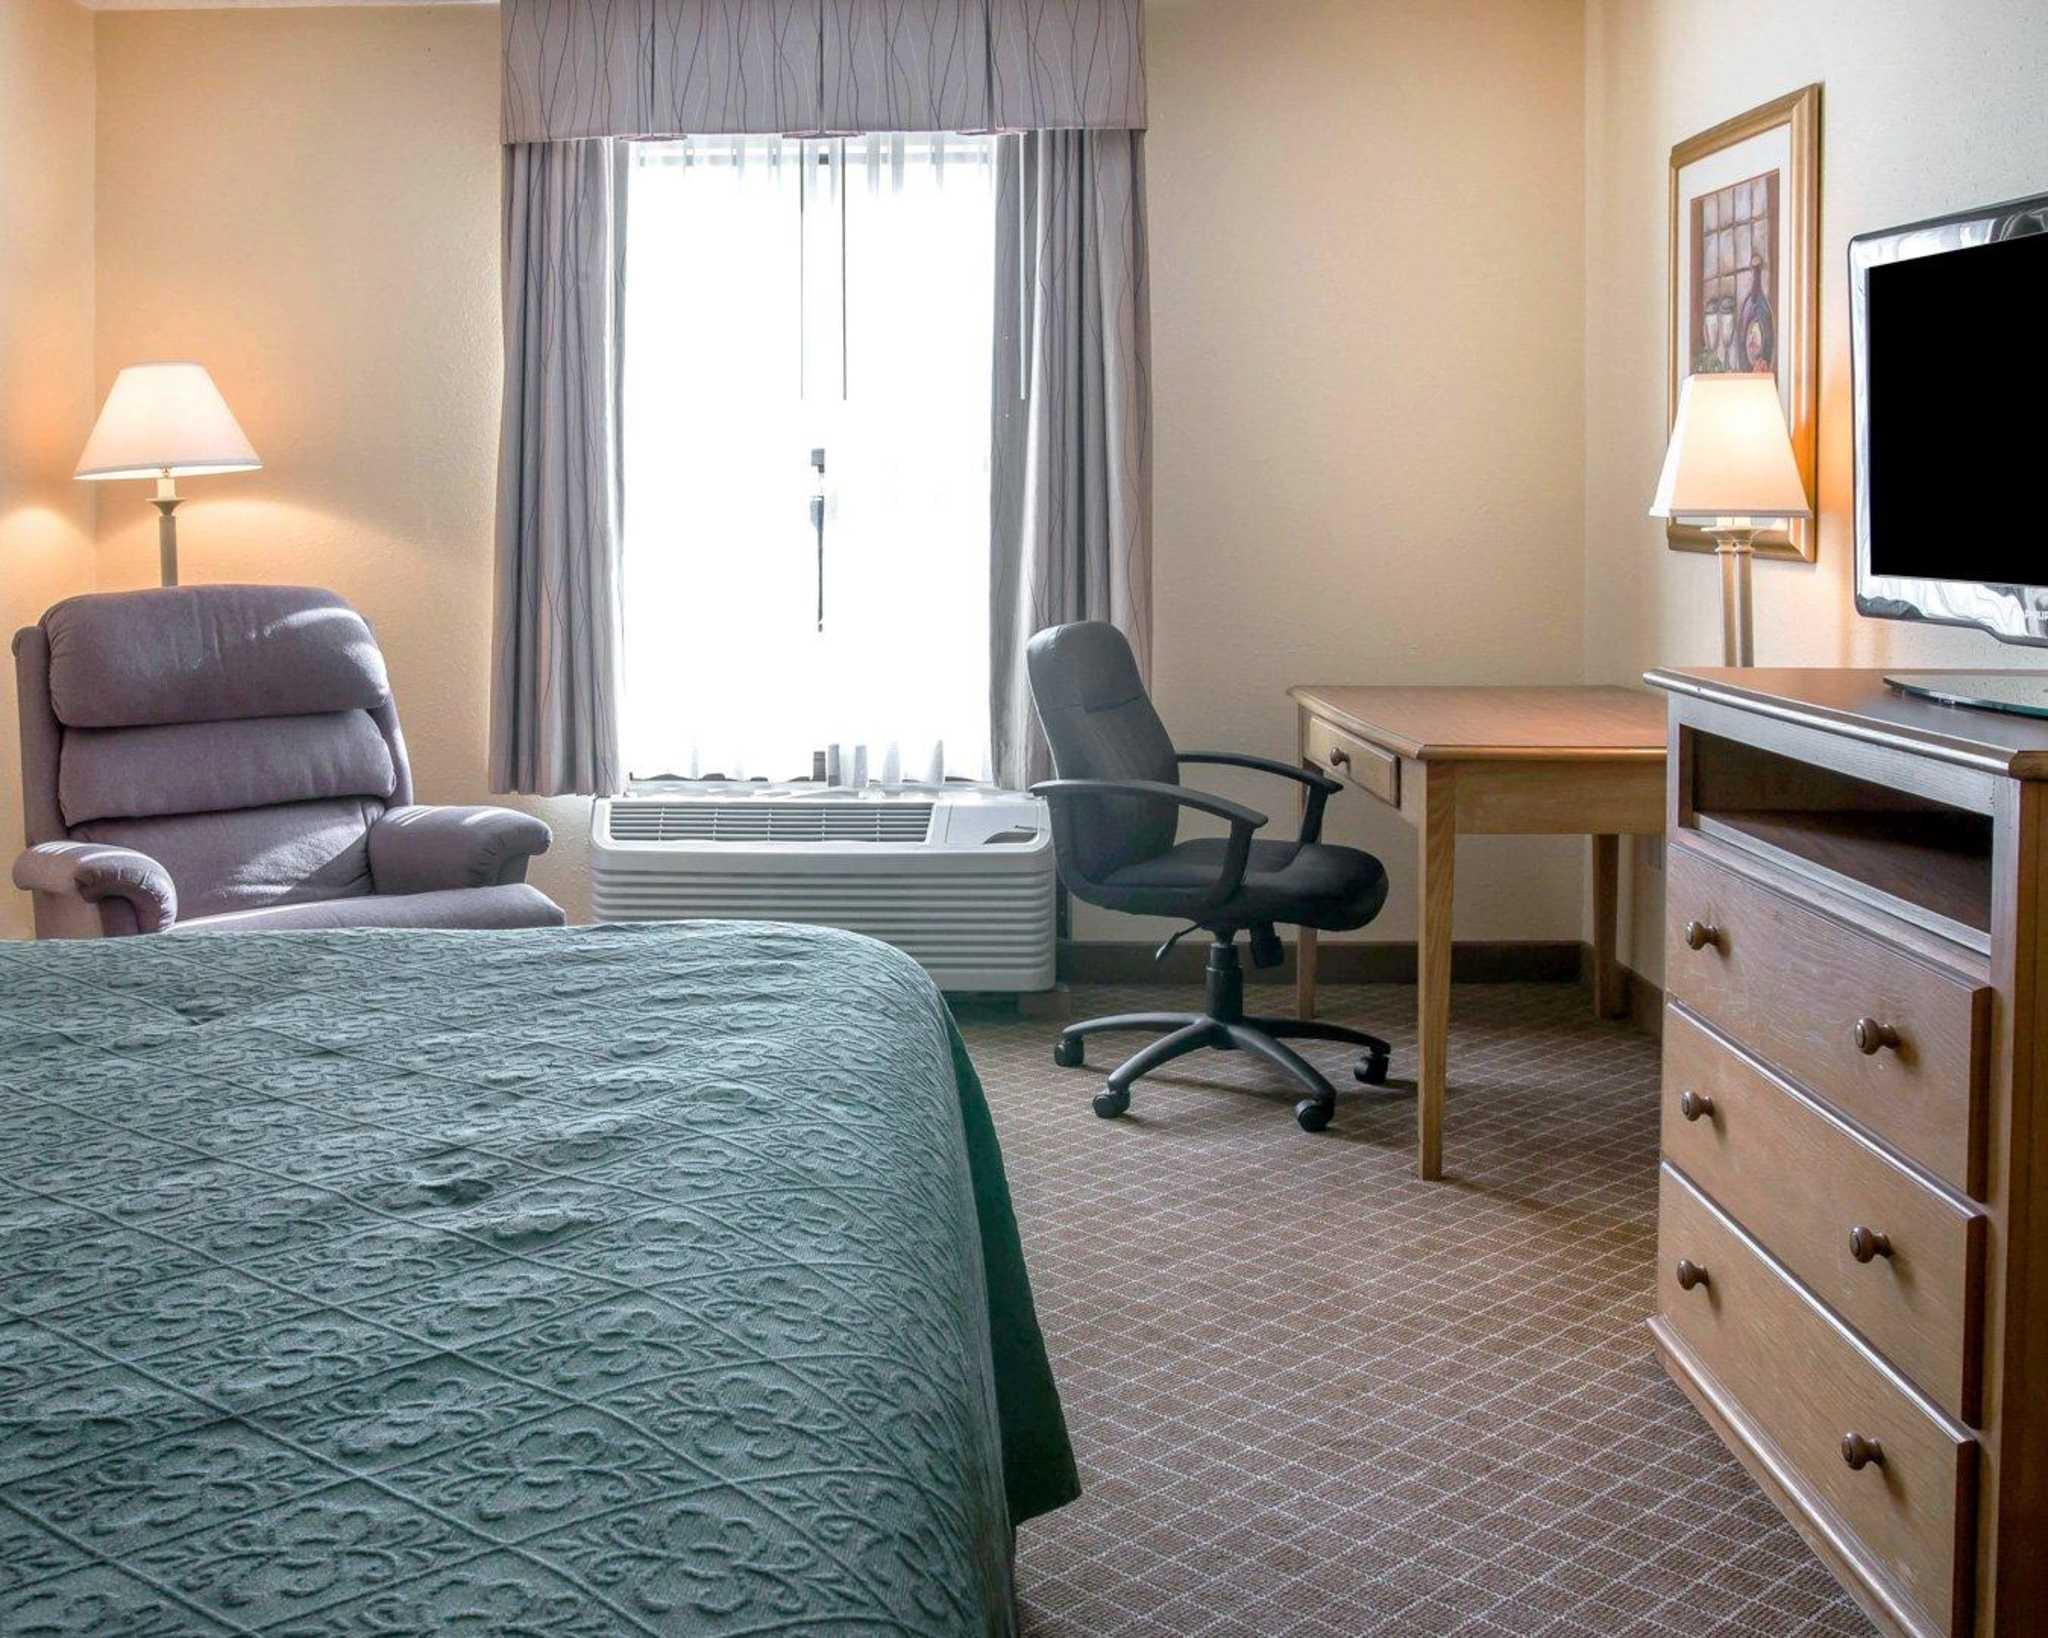 Hotel Sterling Rooms Monroe Mi